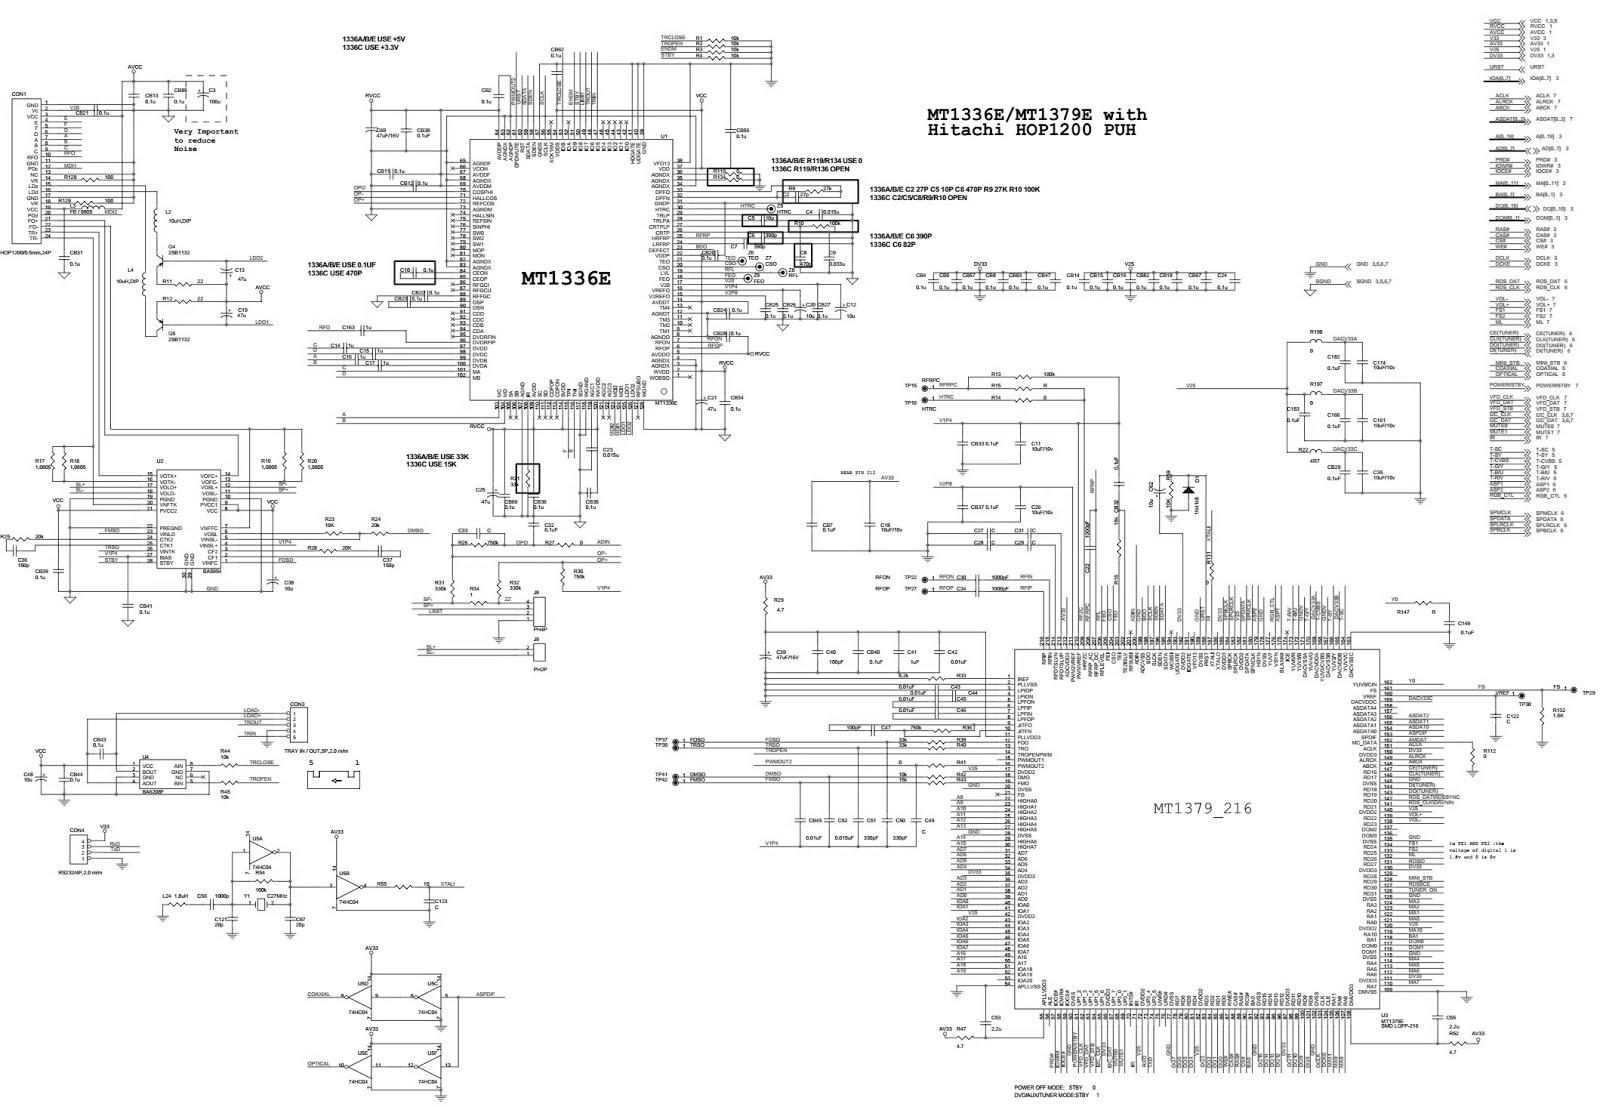 htc chacha schematic diagram